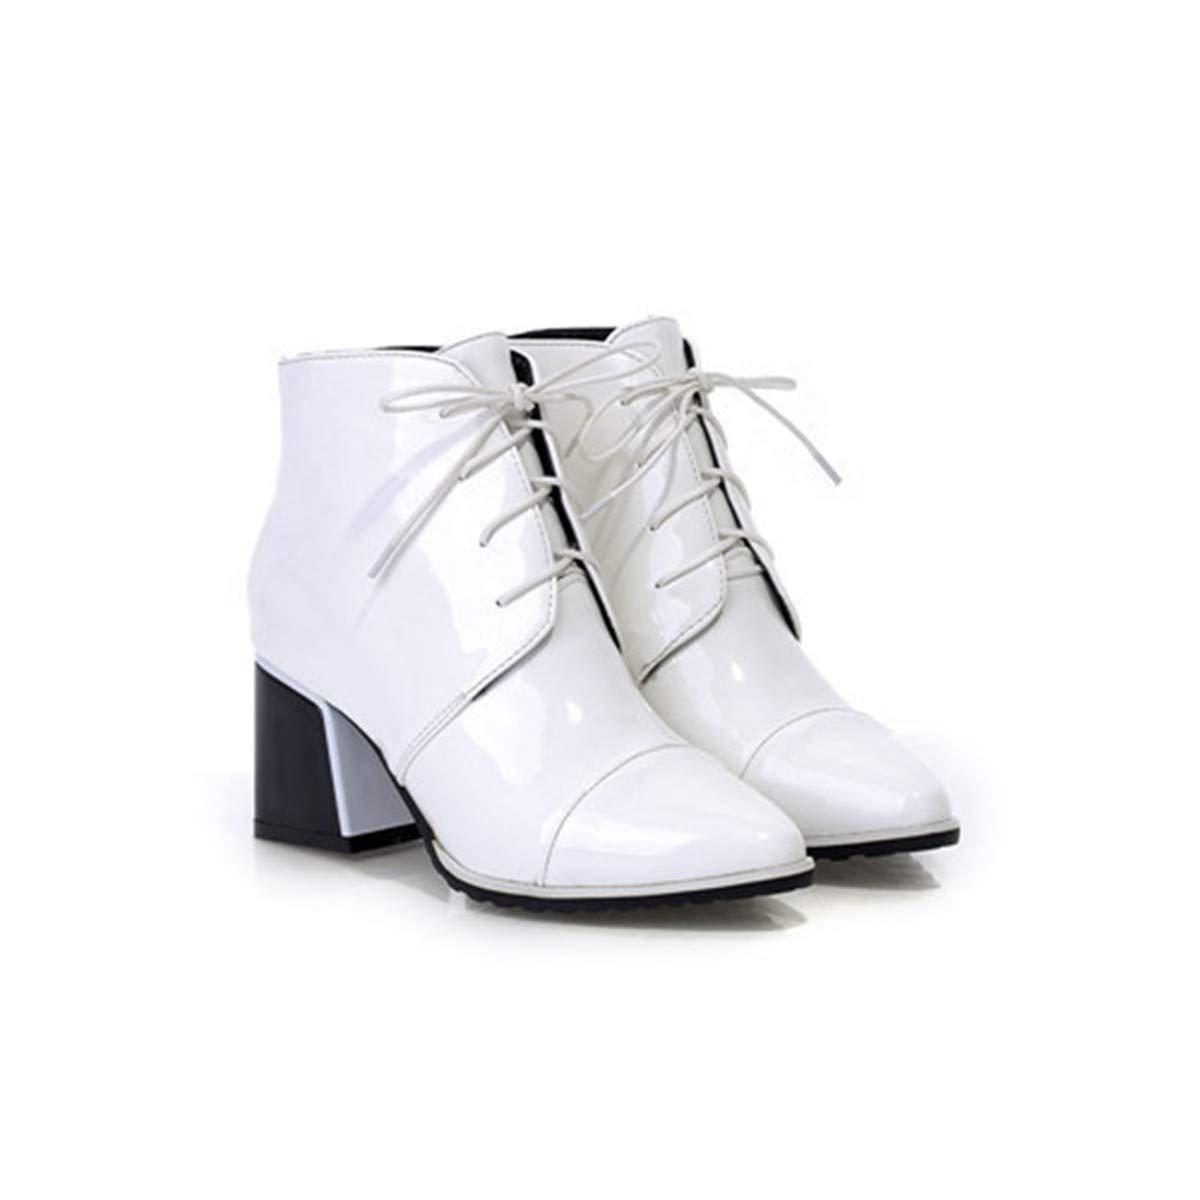 FENGJIAREN Femmes Bottes Mode Dentelle Martin Bottes Chaussures Bottes Blanc Haut Talon Chaussures Automne Hiver Blanc Bottes Rouge 4|L'ivoire 78b5ae